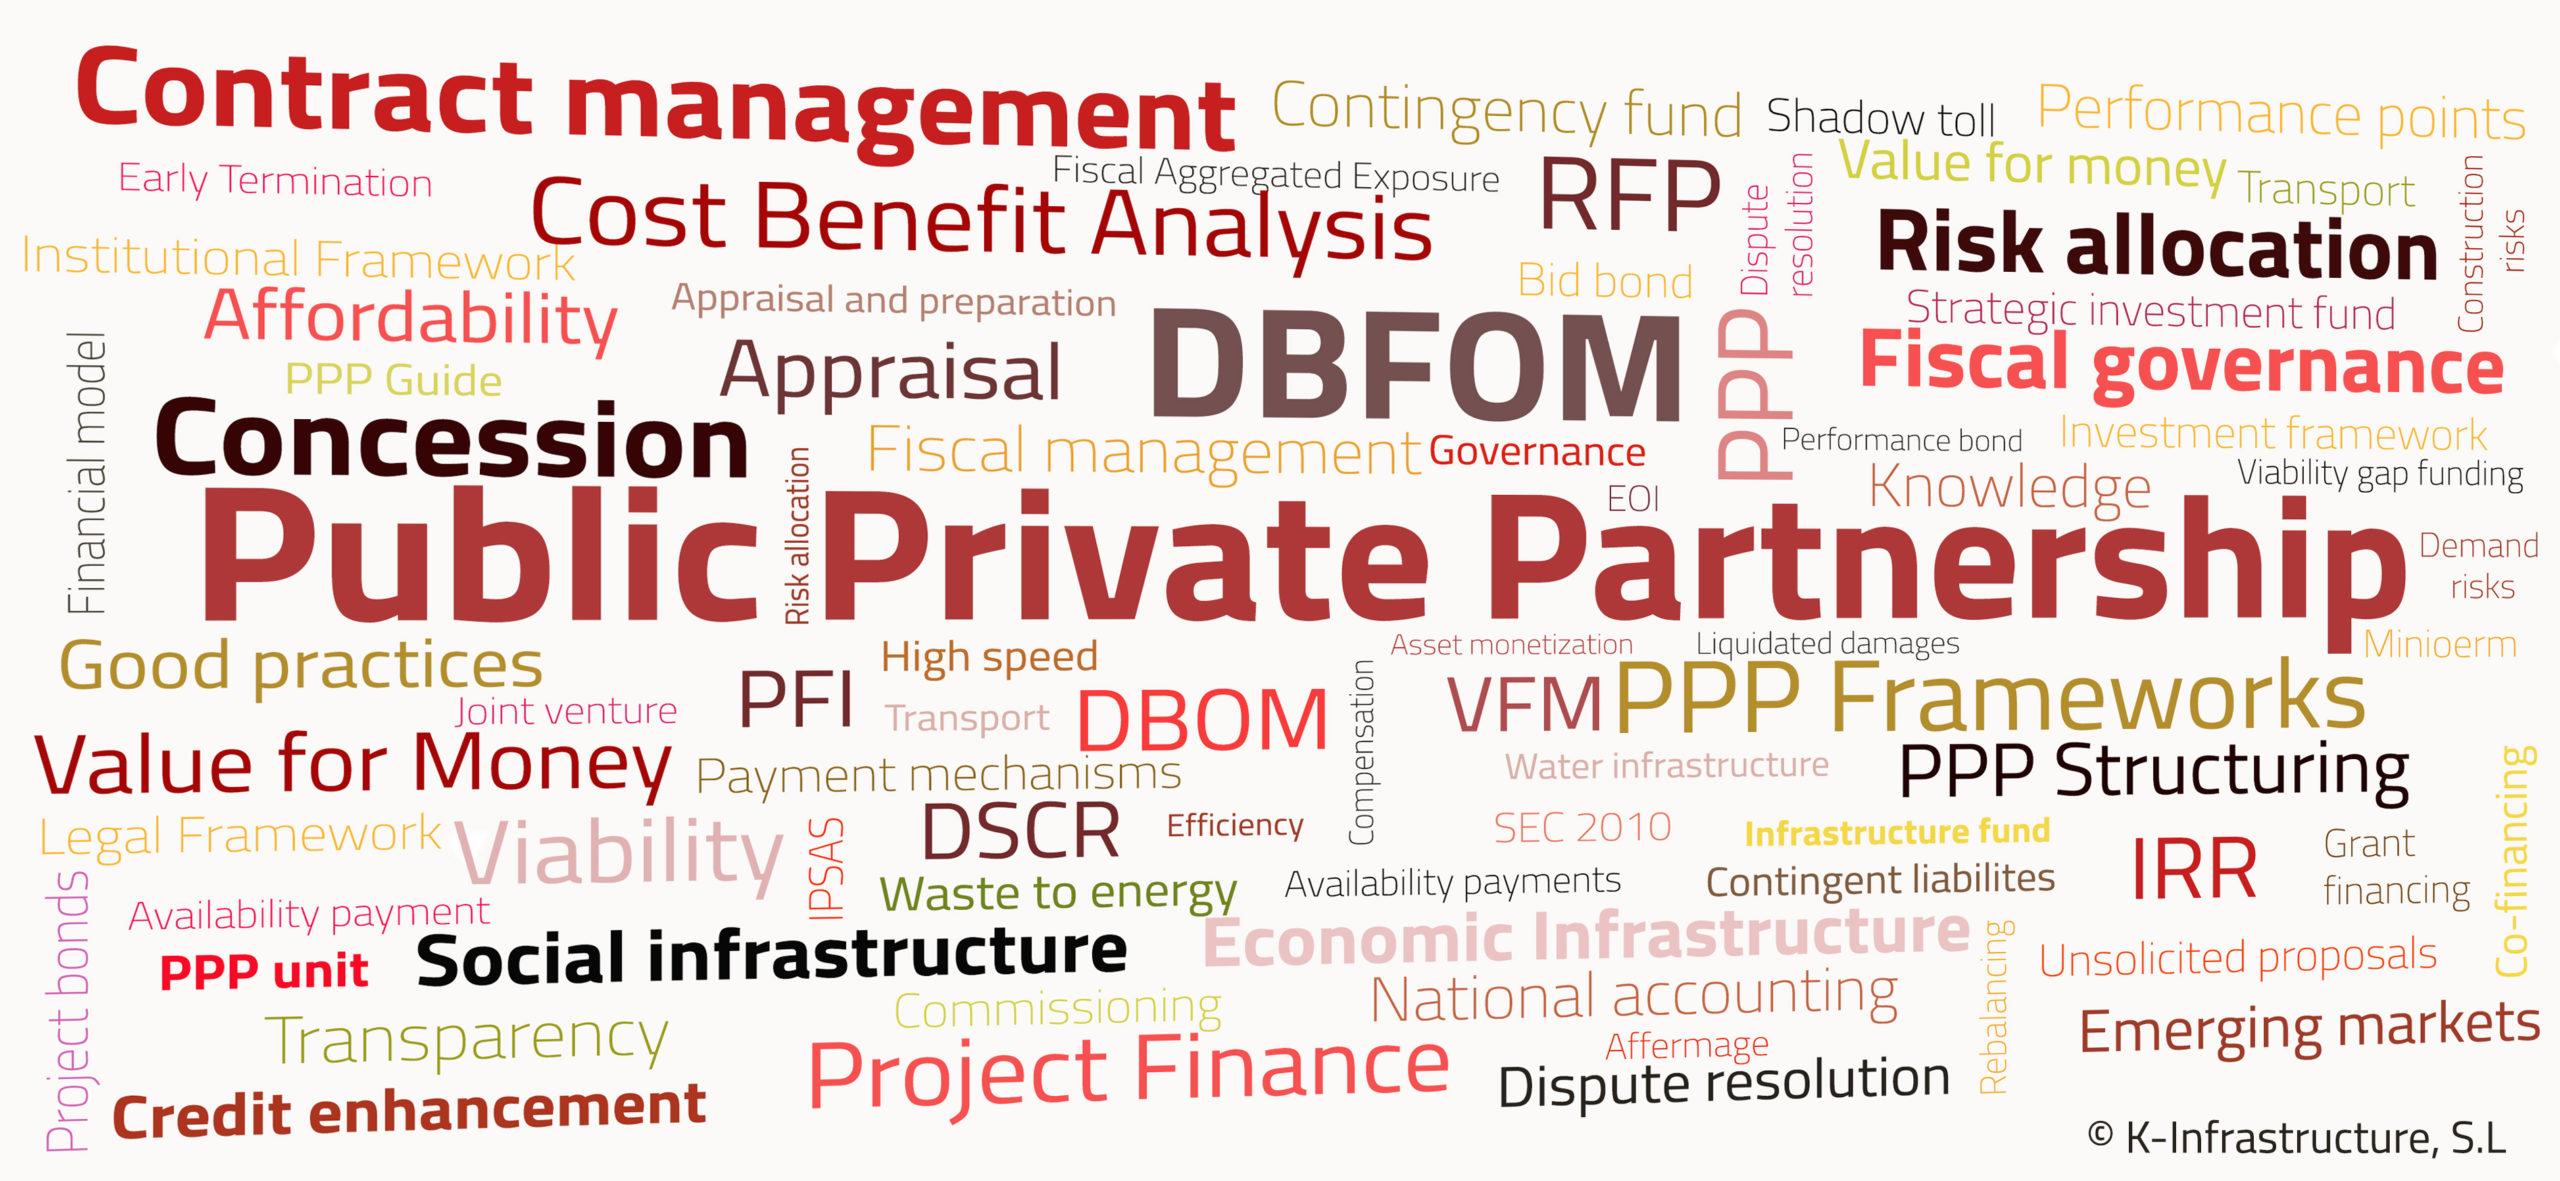 PPP Frameworks